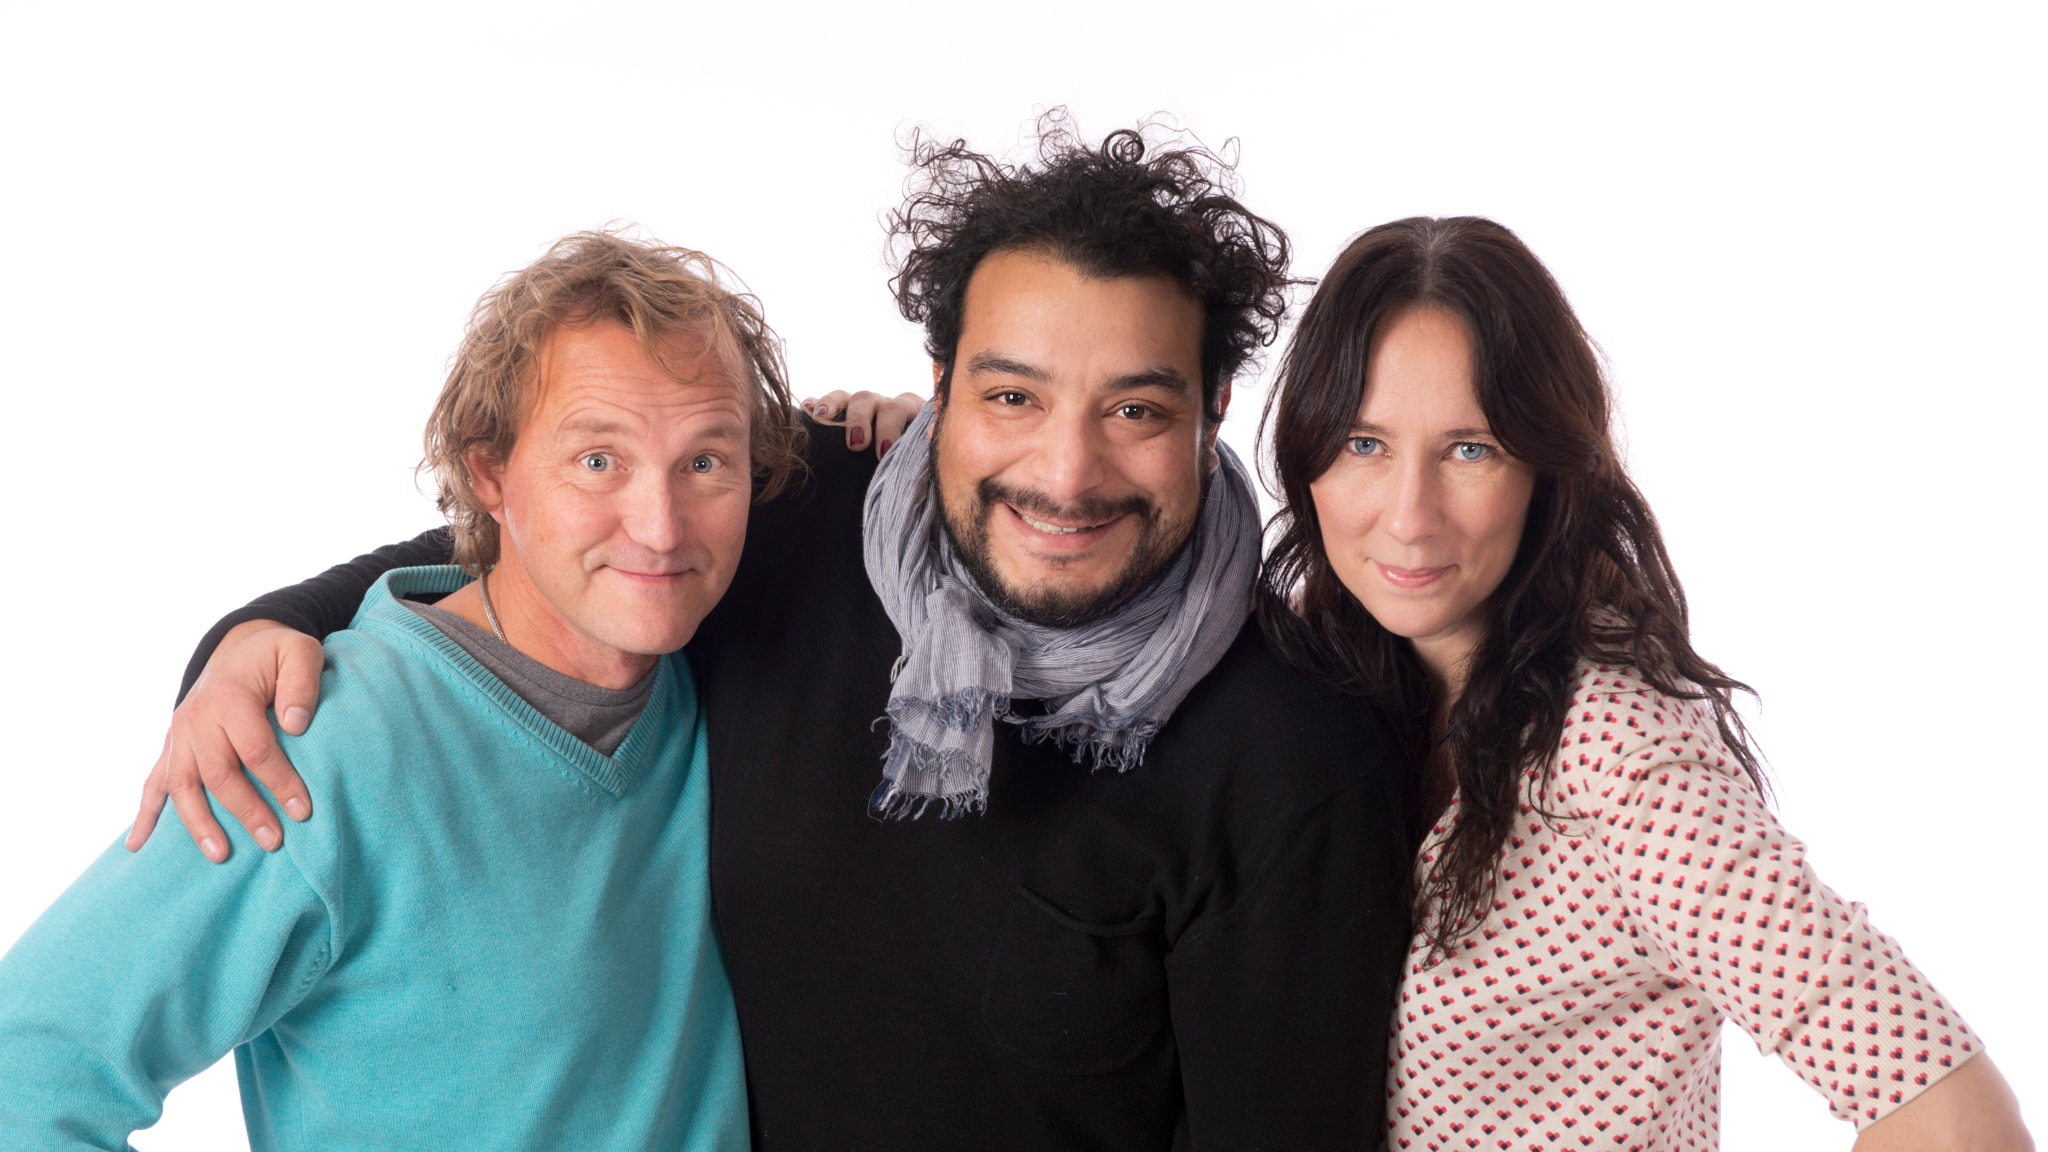 Med Matias Holm & Malin Holmberg